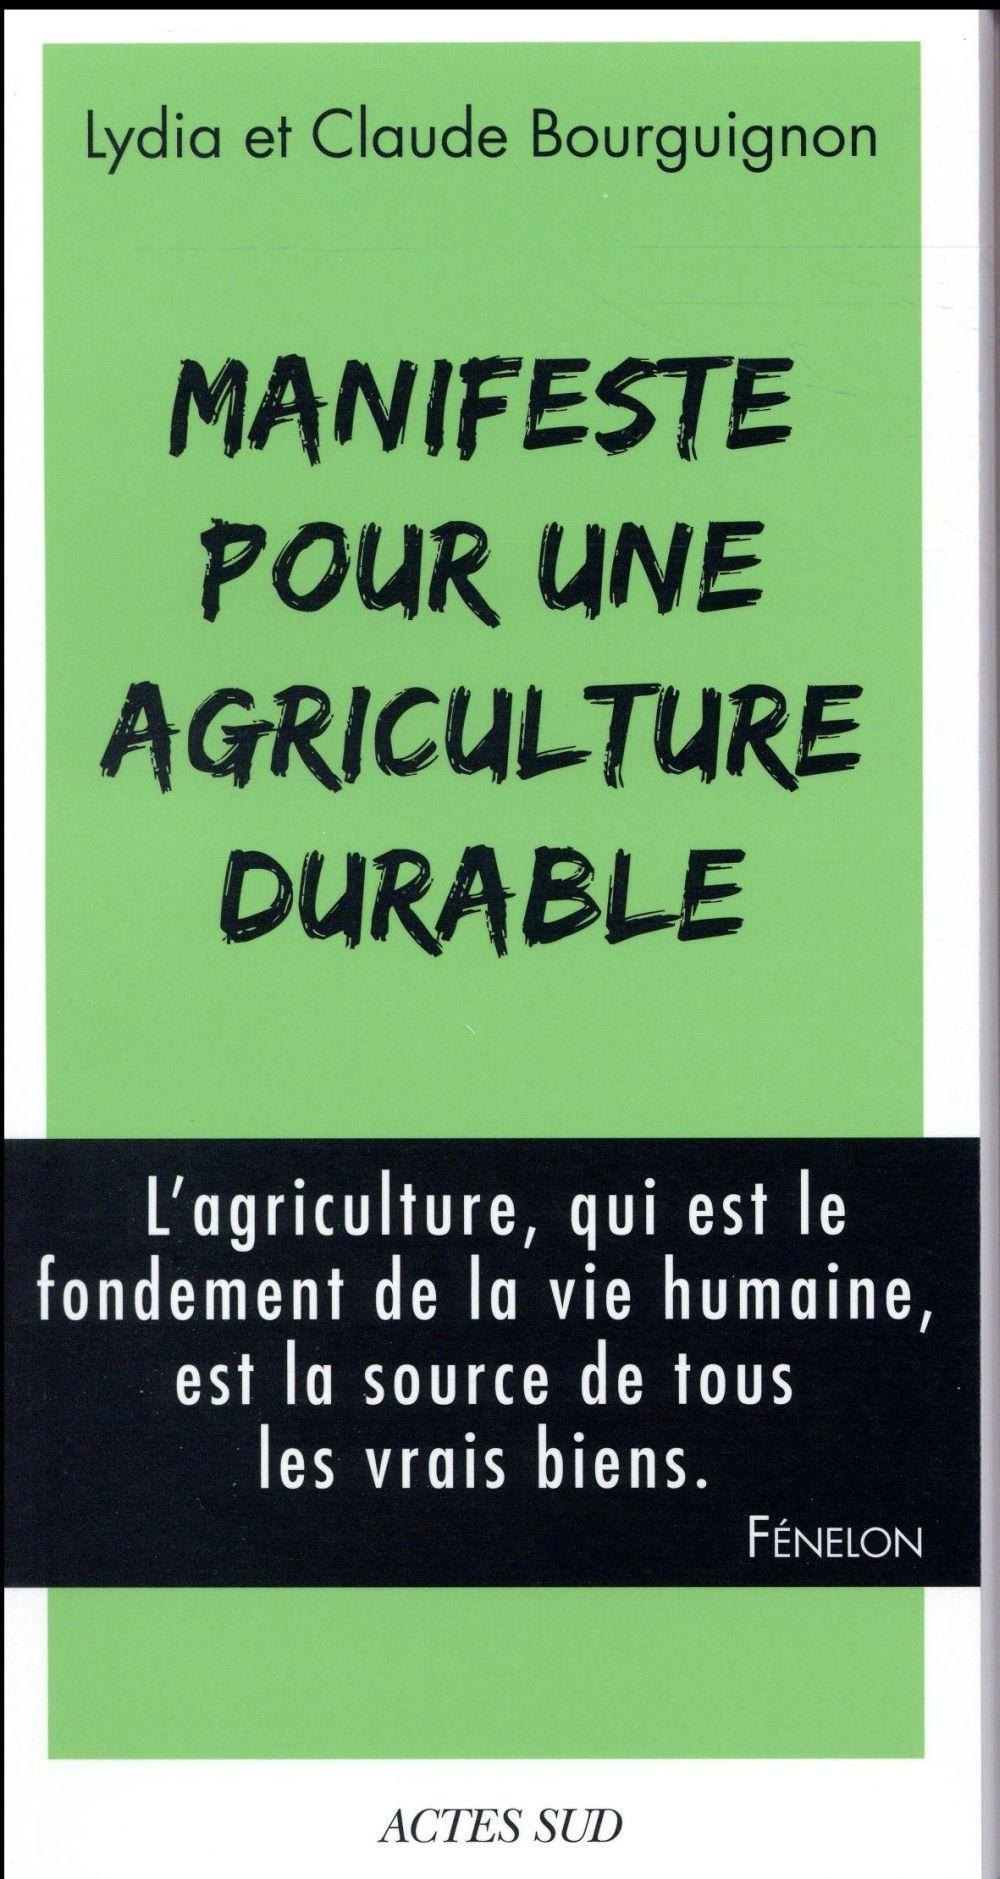 Manifeste pour une agriculture durable